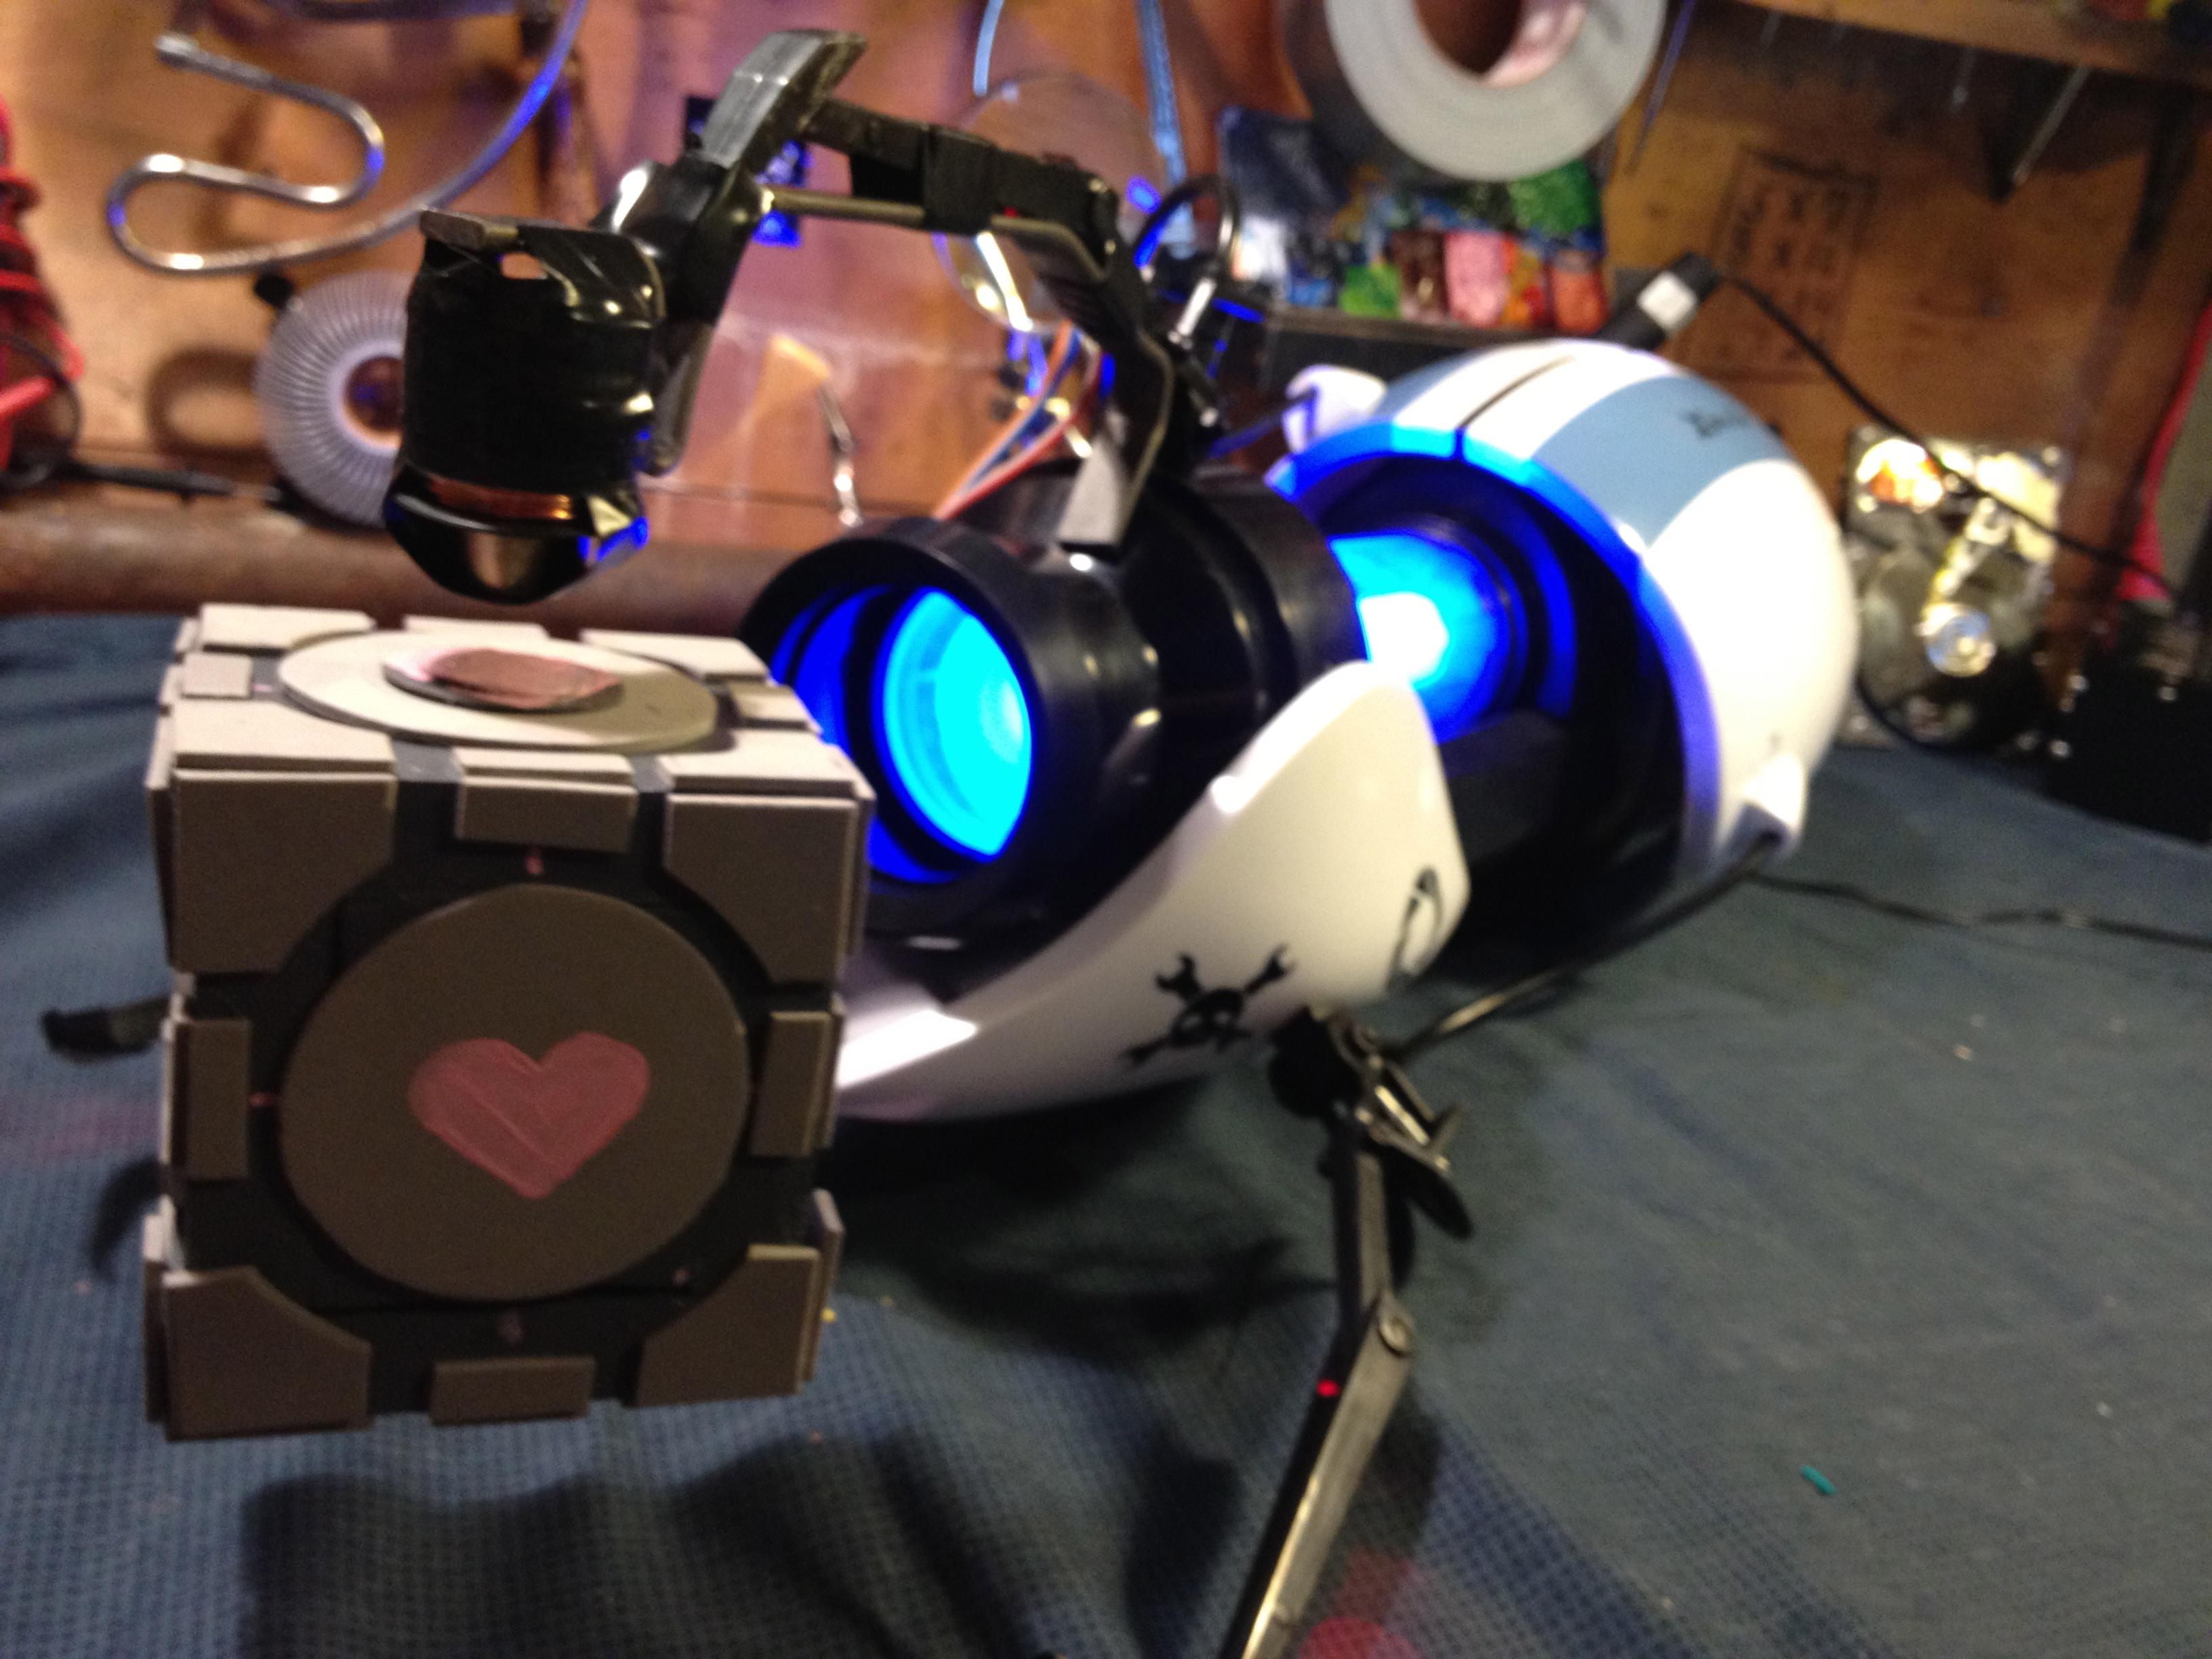 Hackaday's Portal Gun Actually Levitates A Companion Cube